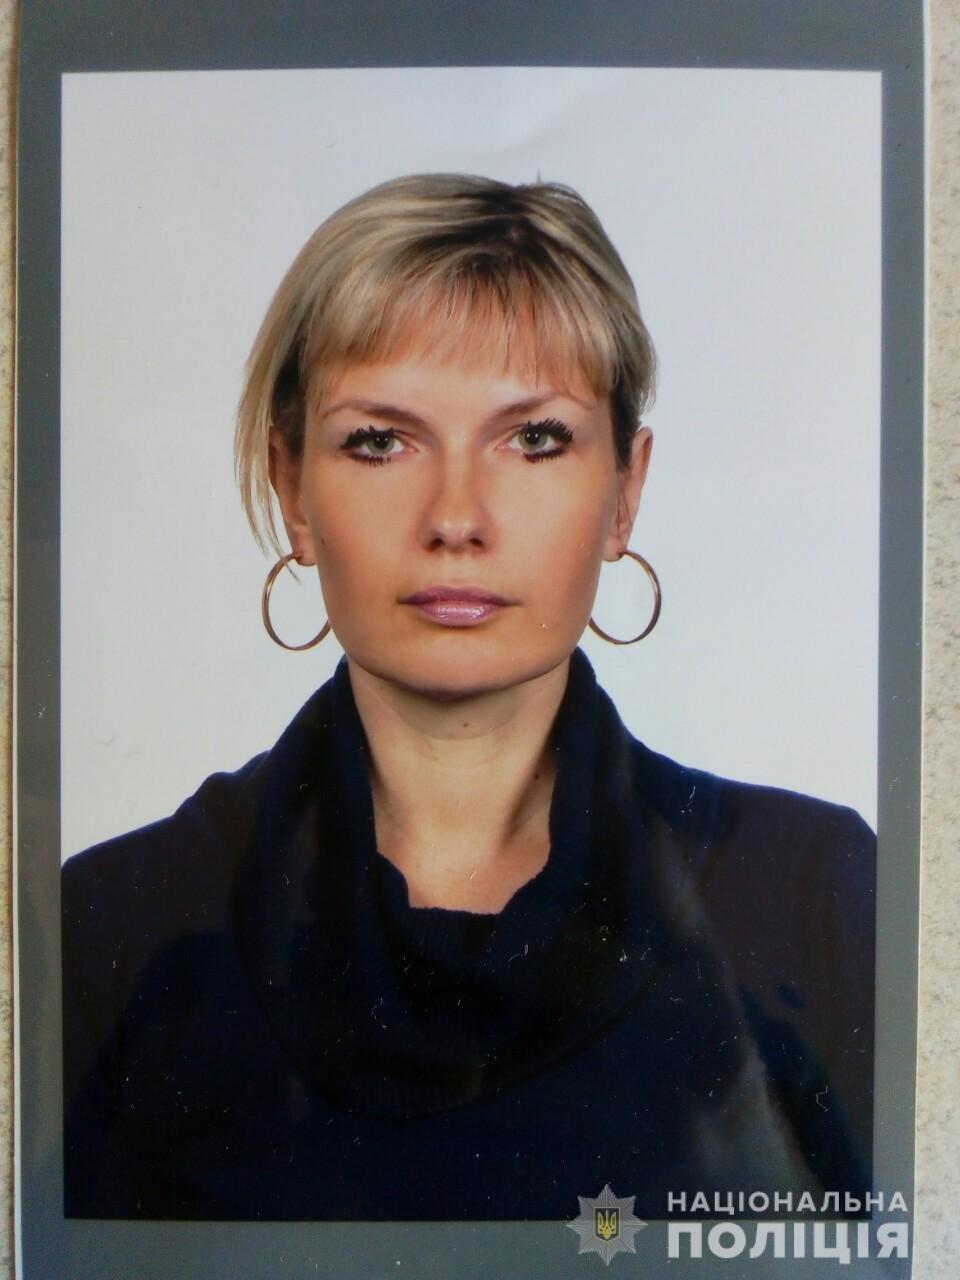 Поліція розшукує 41-річну ужгородку, з якою донька втратила зв'язок у лютому (ФОТО), фото-1